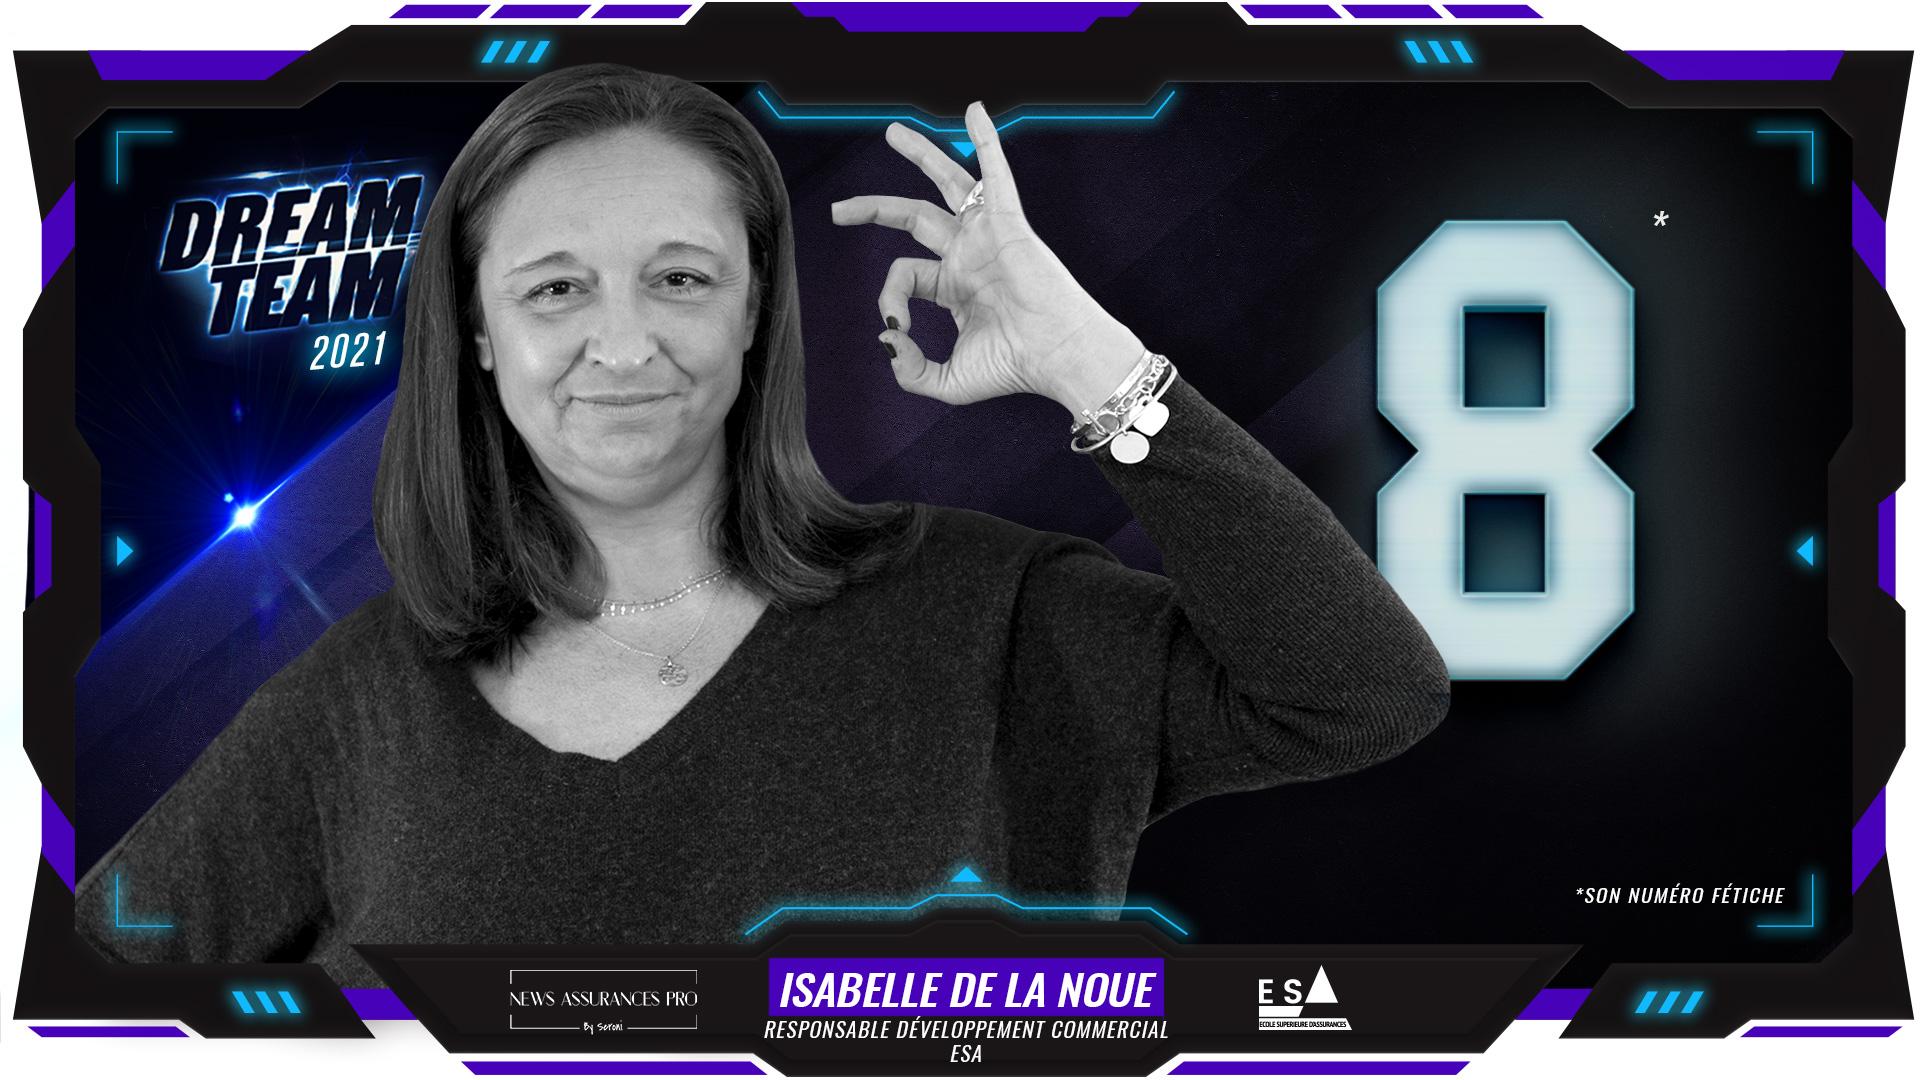 Isabelle de la Noue